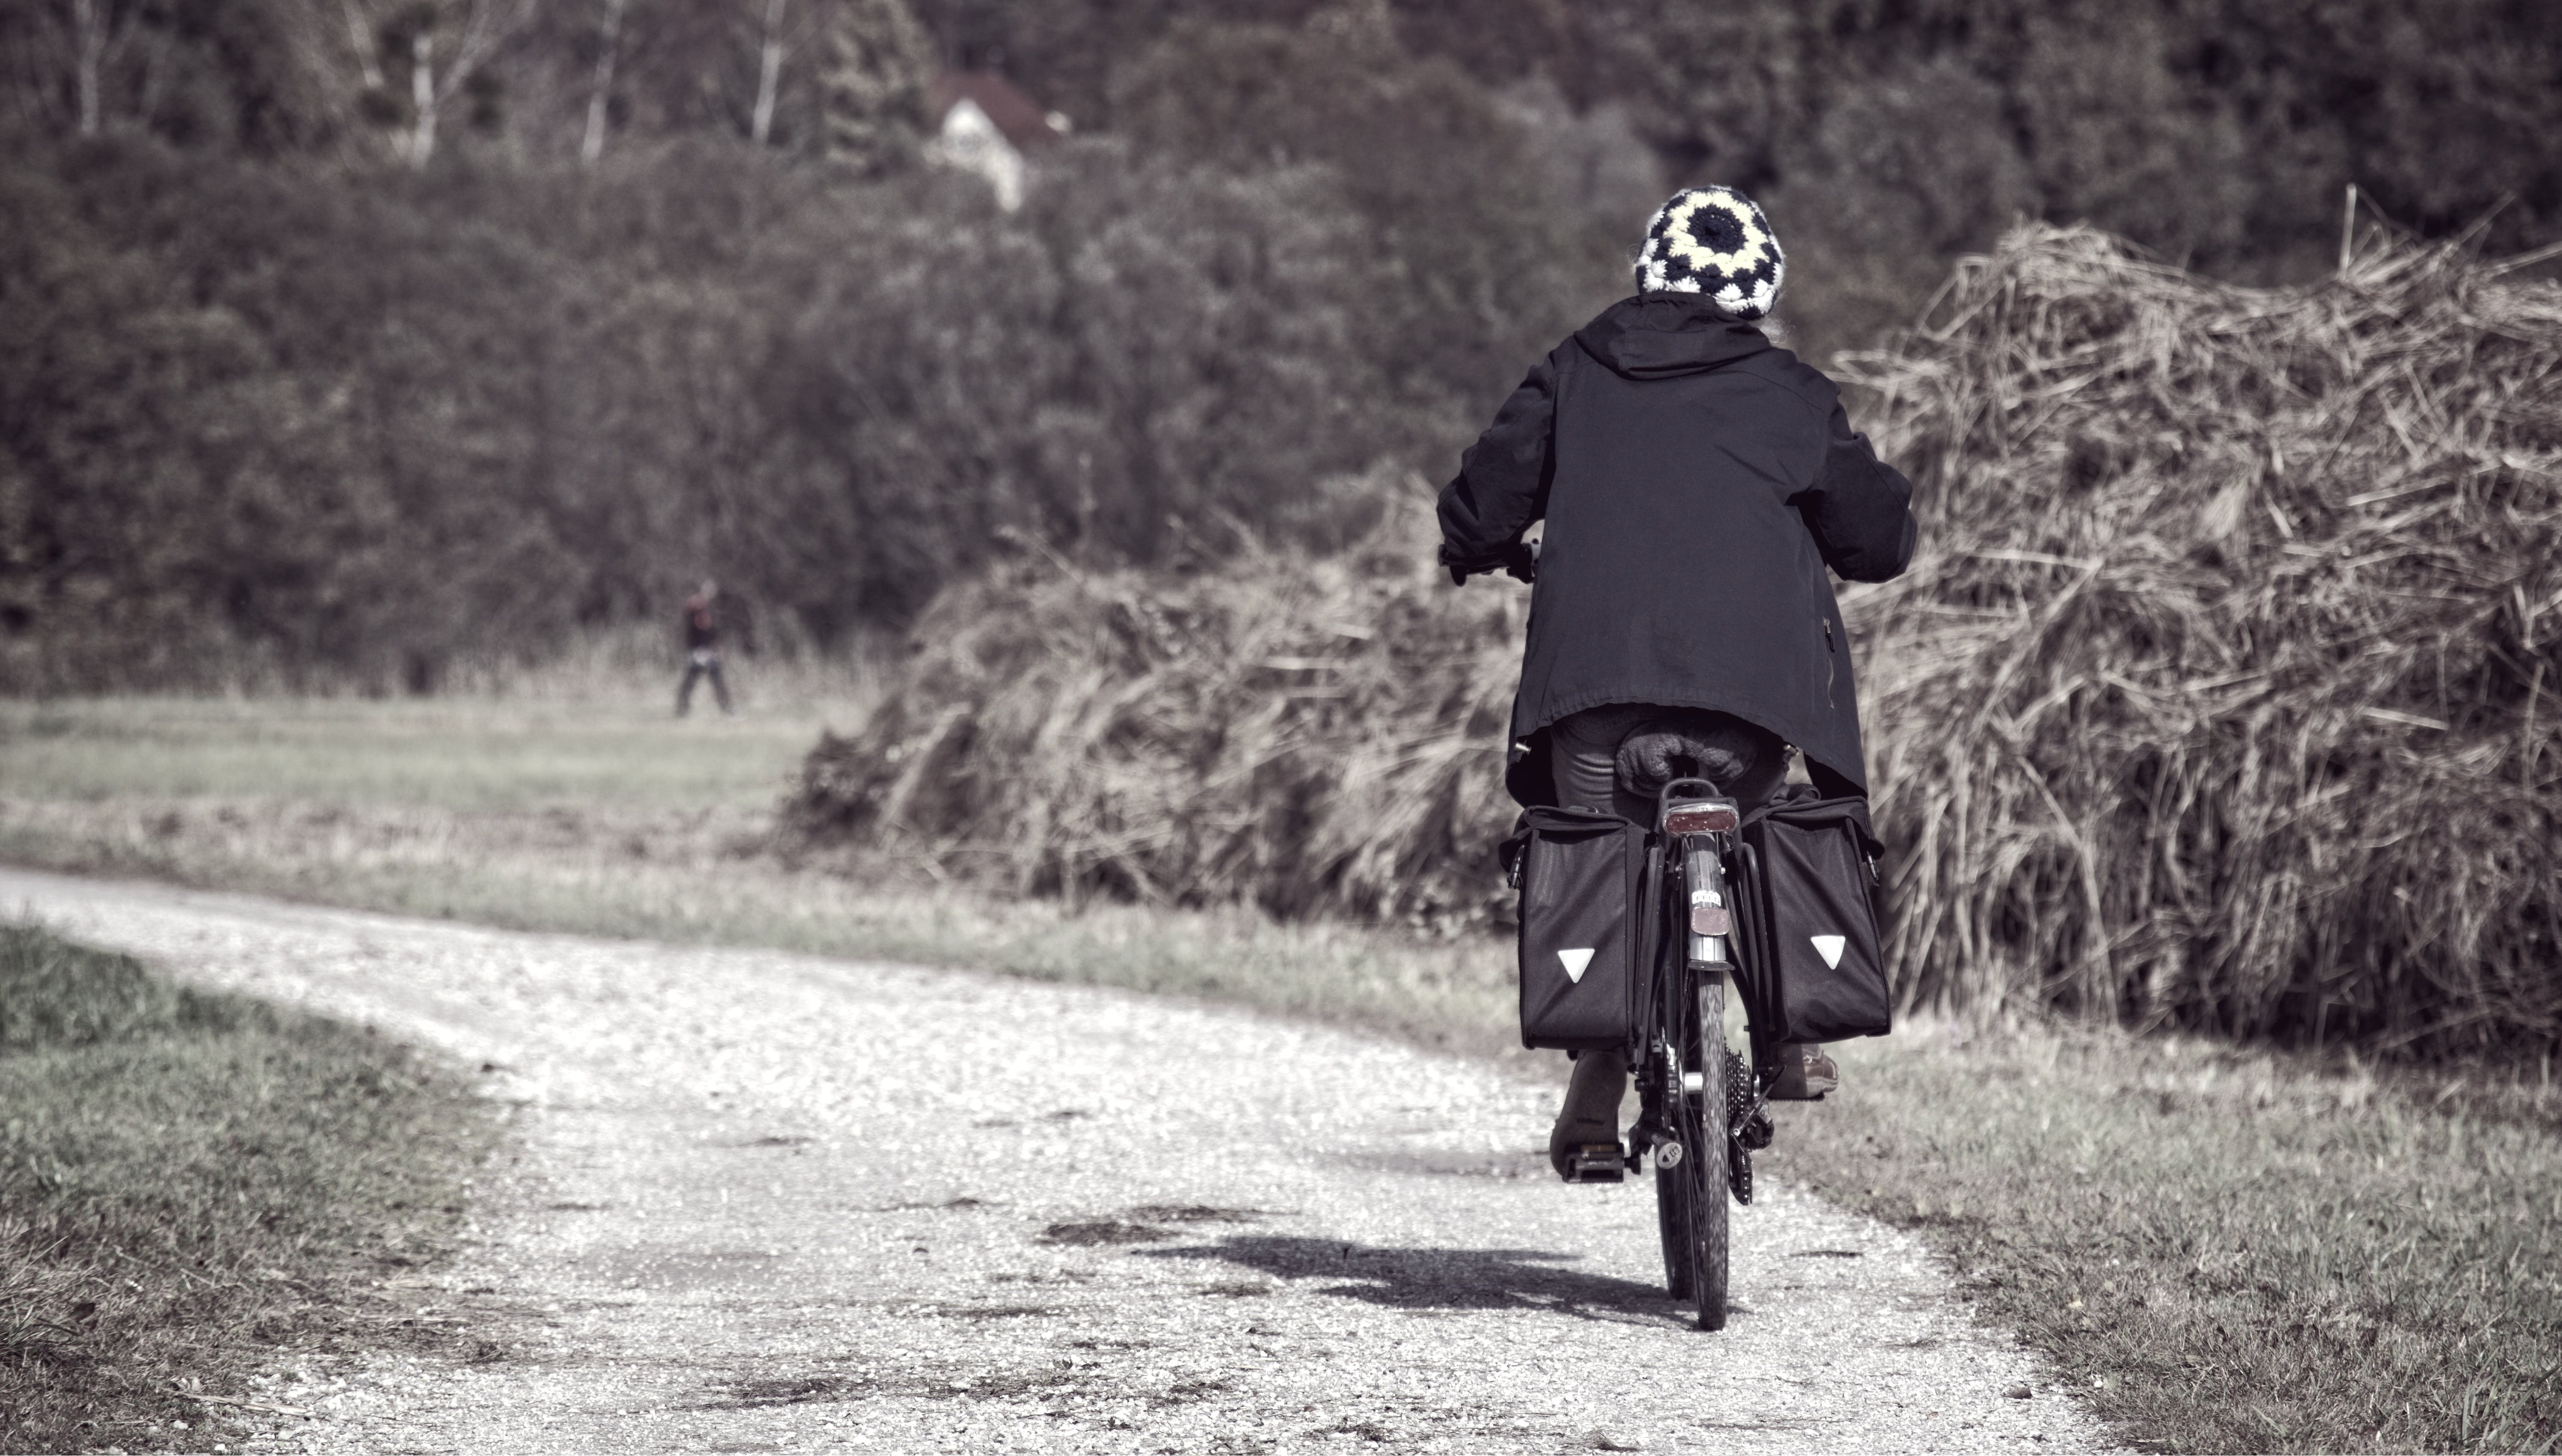 Základová fotografie zdarma na téma akce, biker, černobílý, cyklista